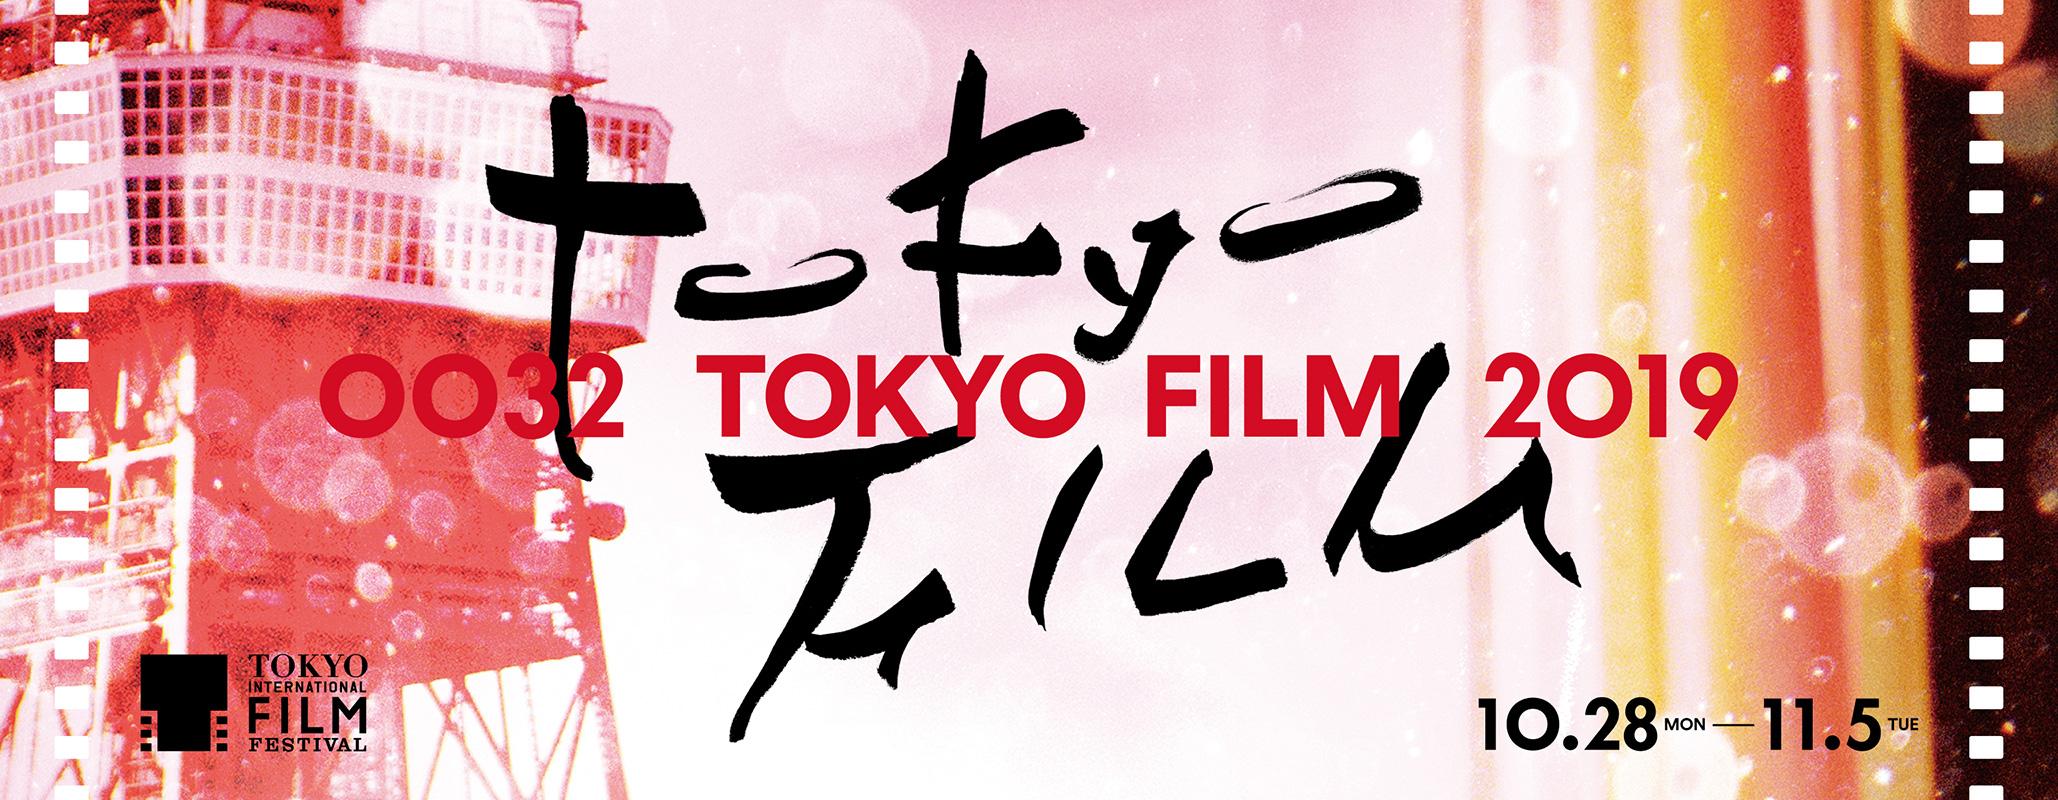 第32回東京国際映画祭2019